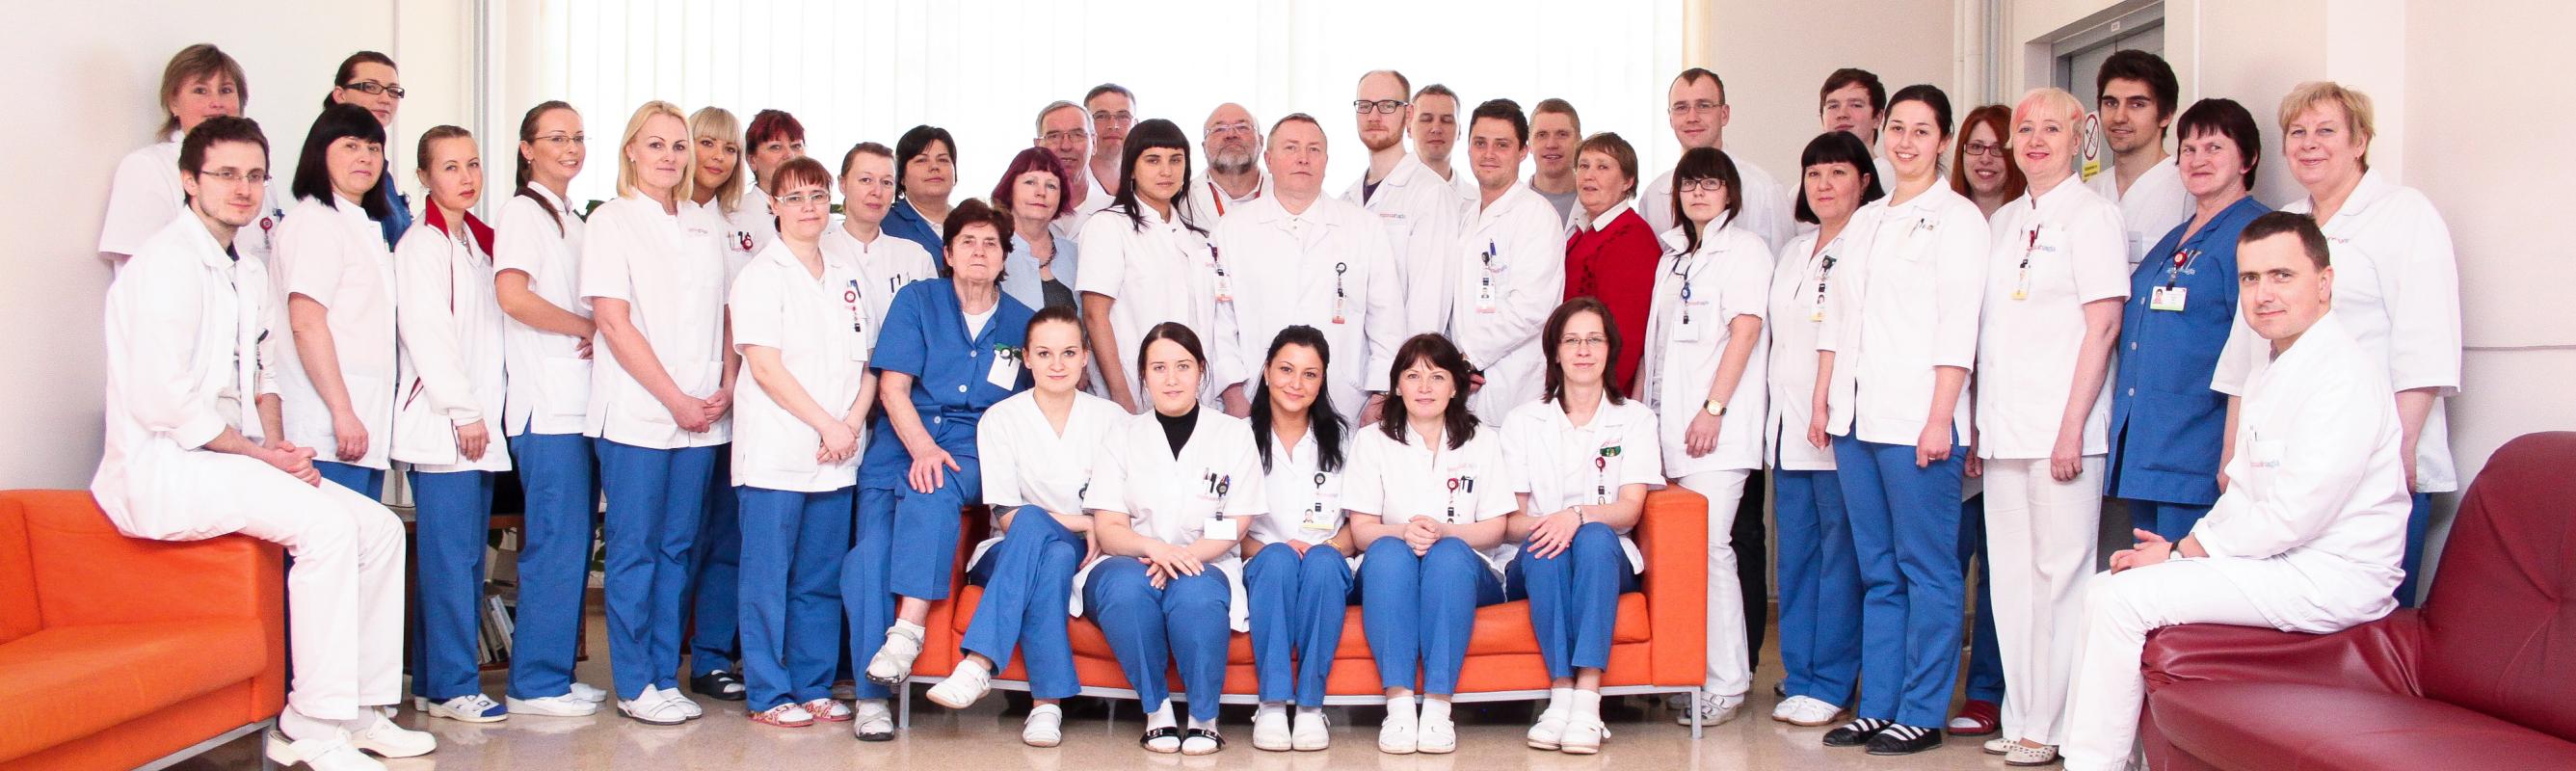 Üld- ja onkokirurgia keskuse sõbralik kollektiiv